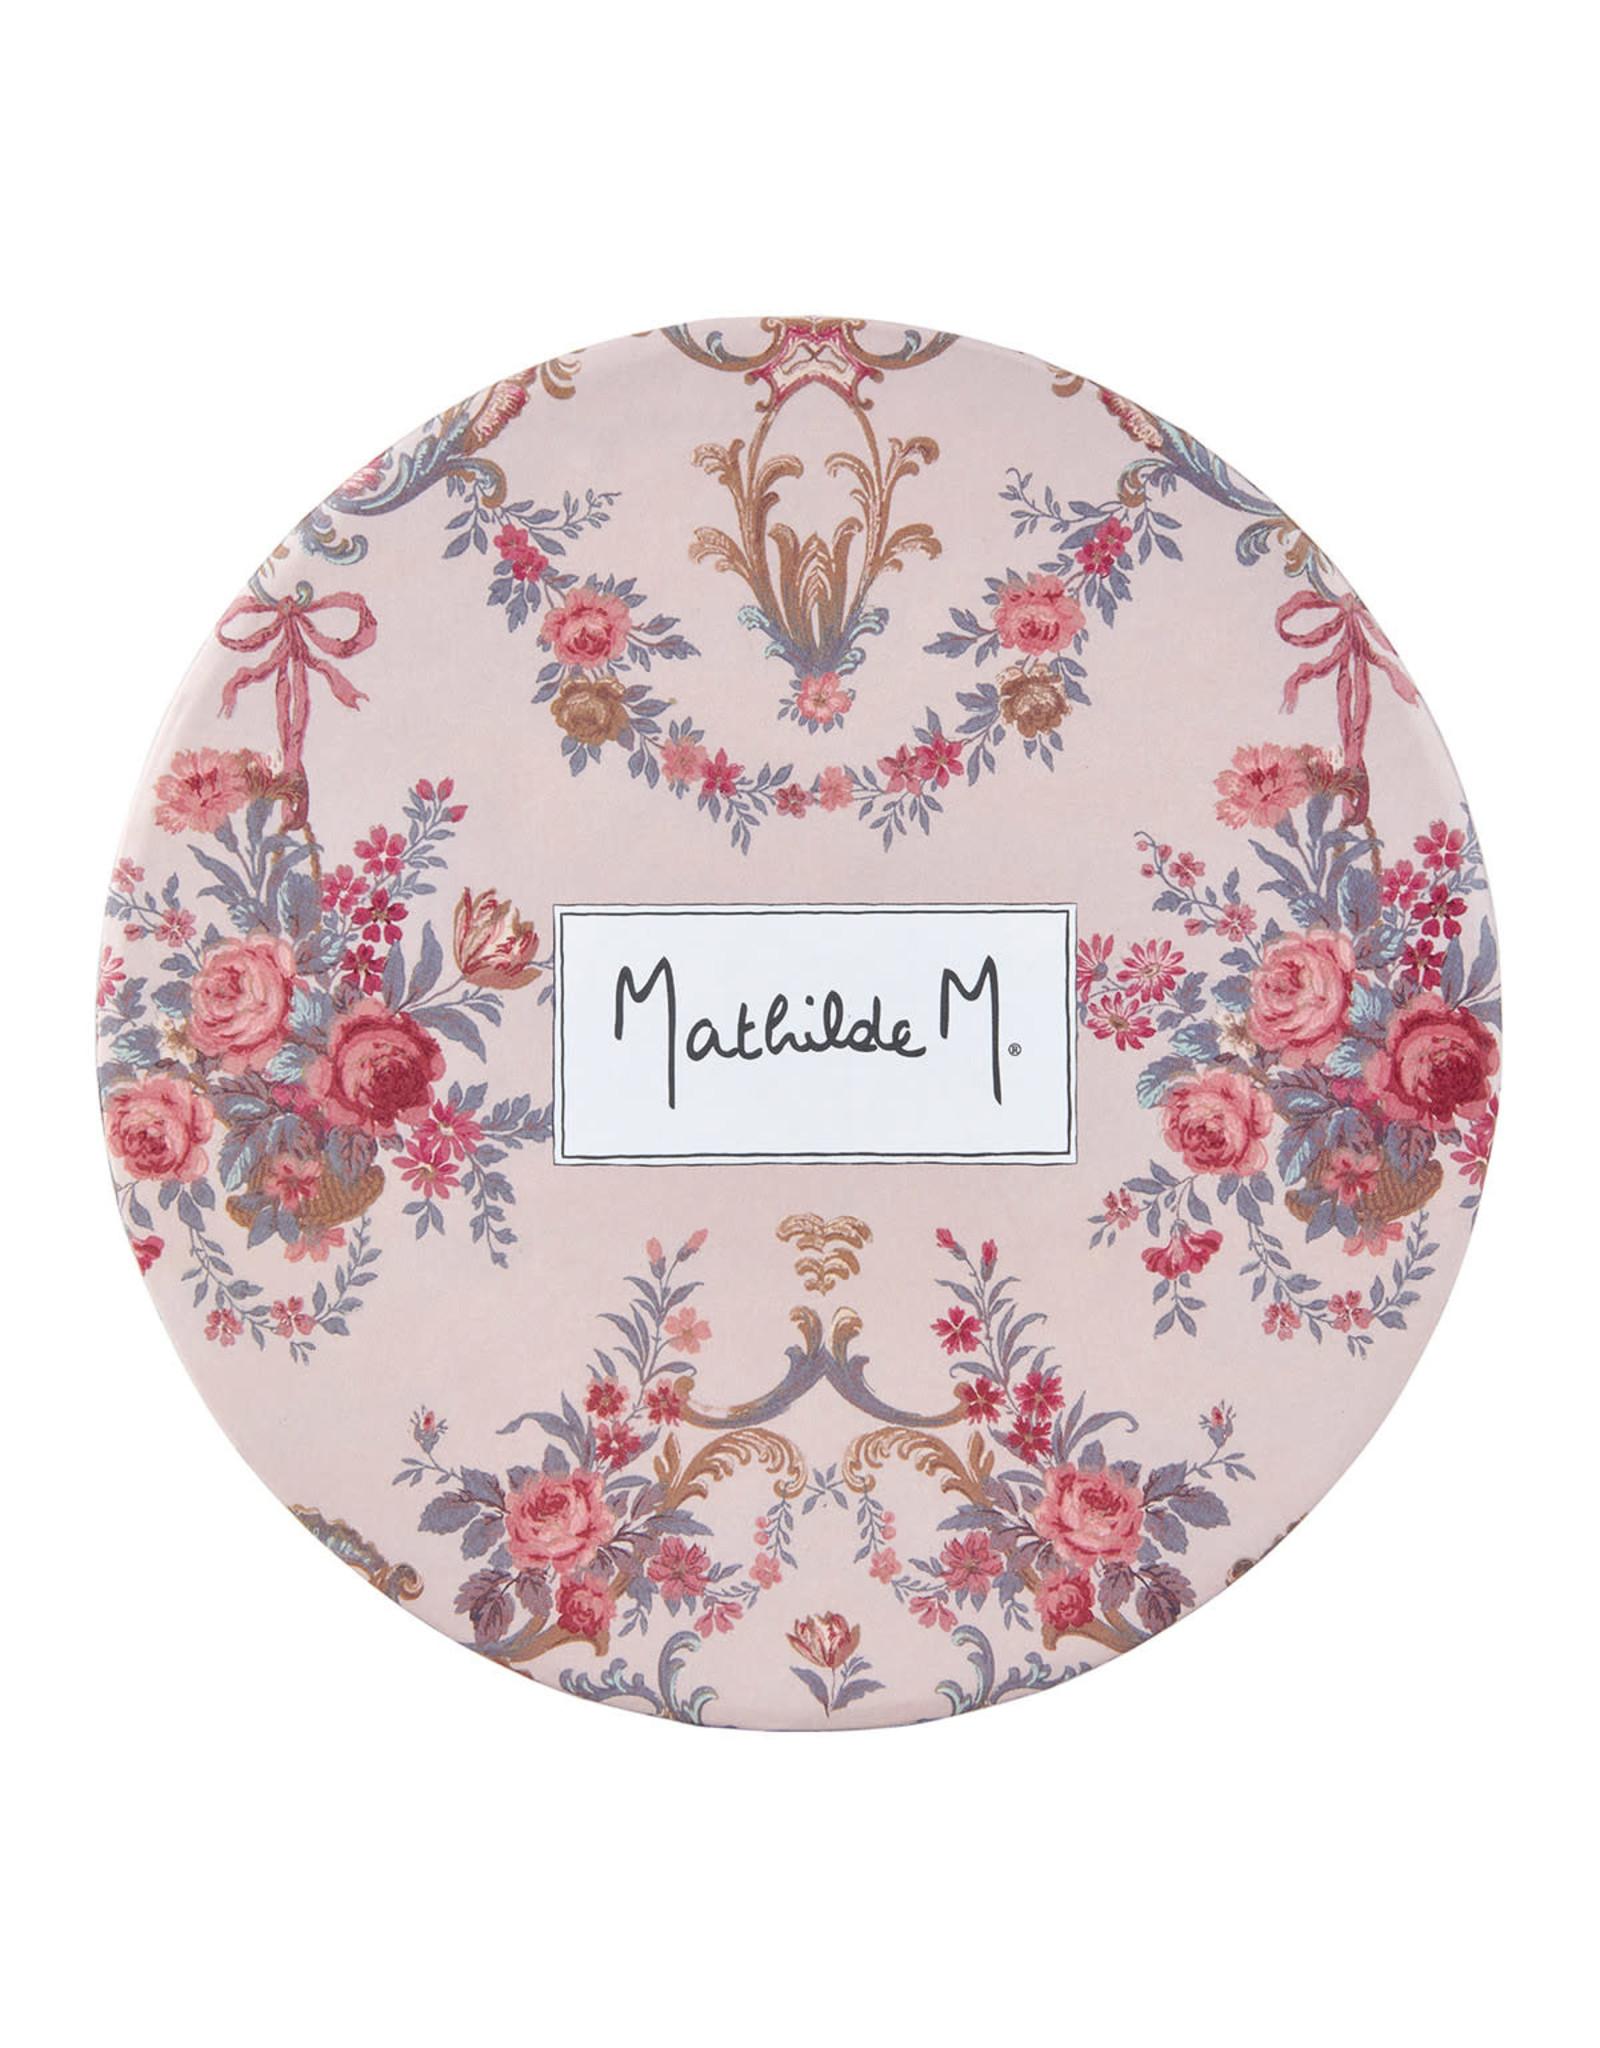 Mathilde M Marquise - Giftbox Gastenzeepjes